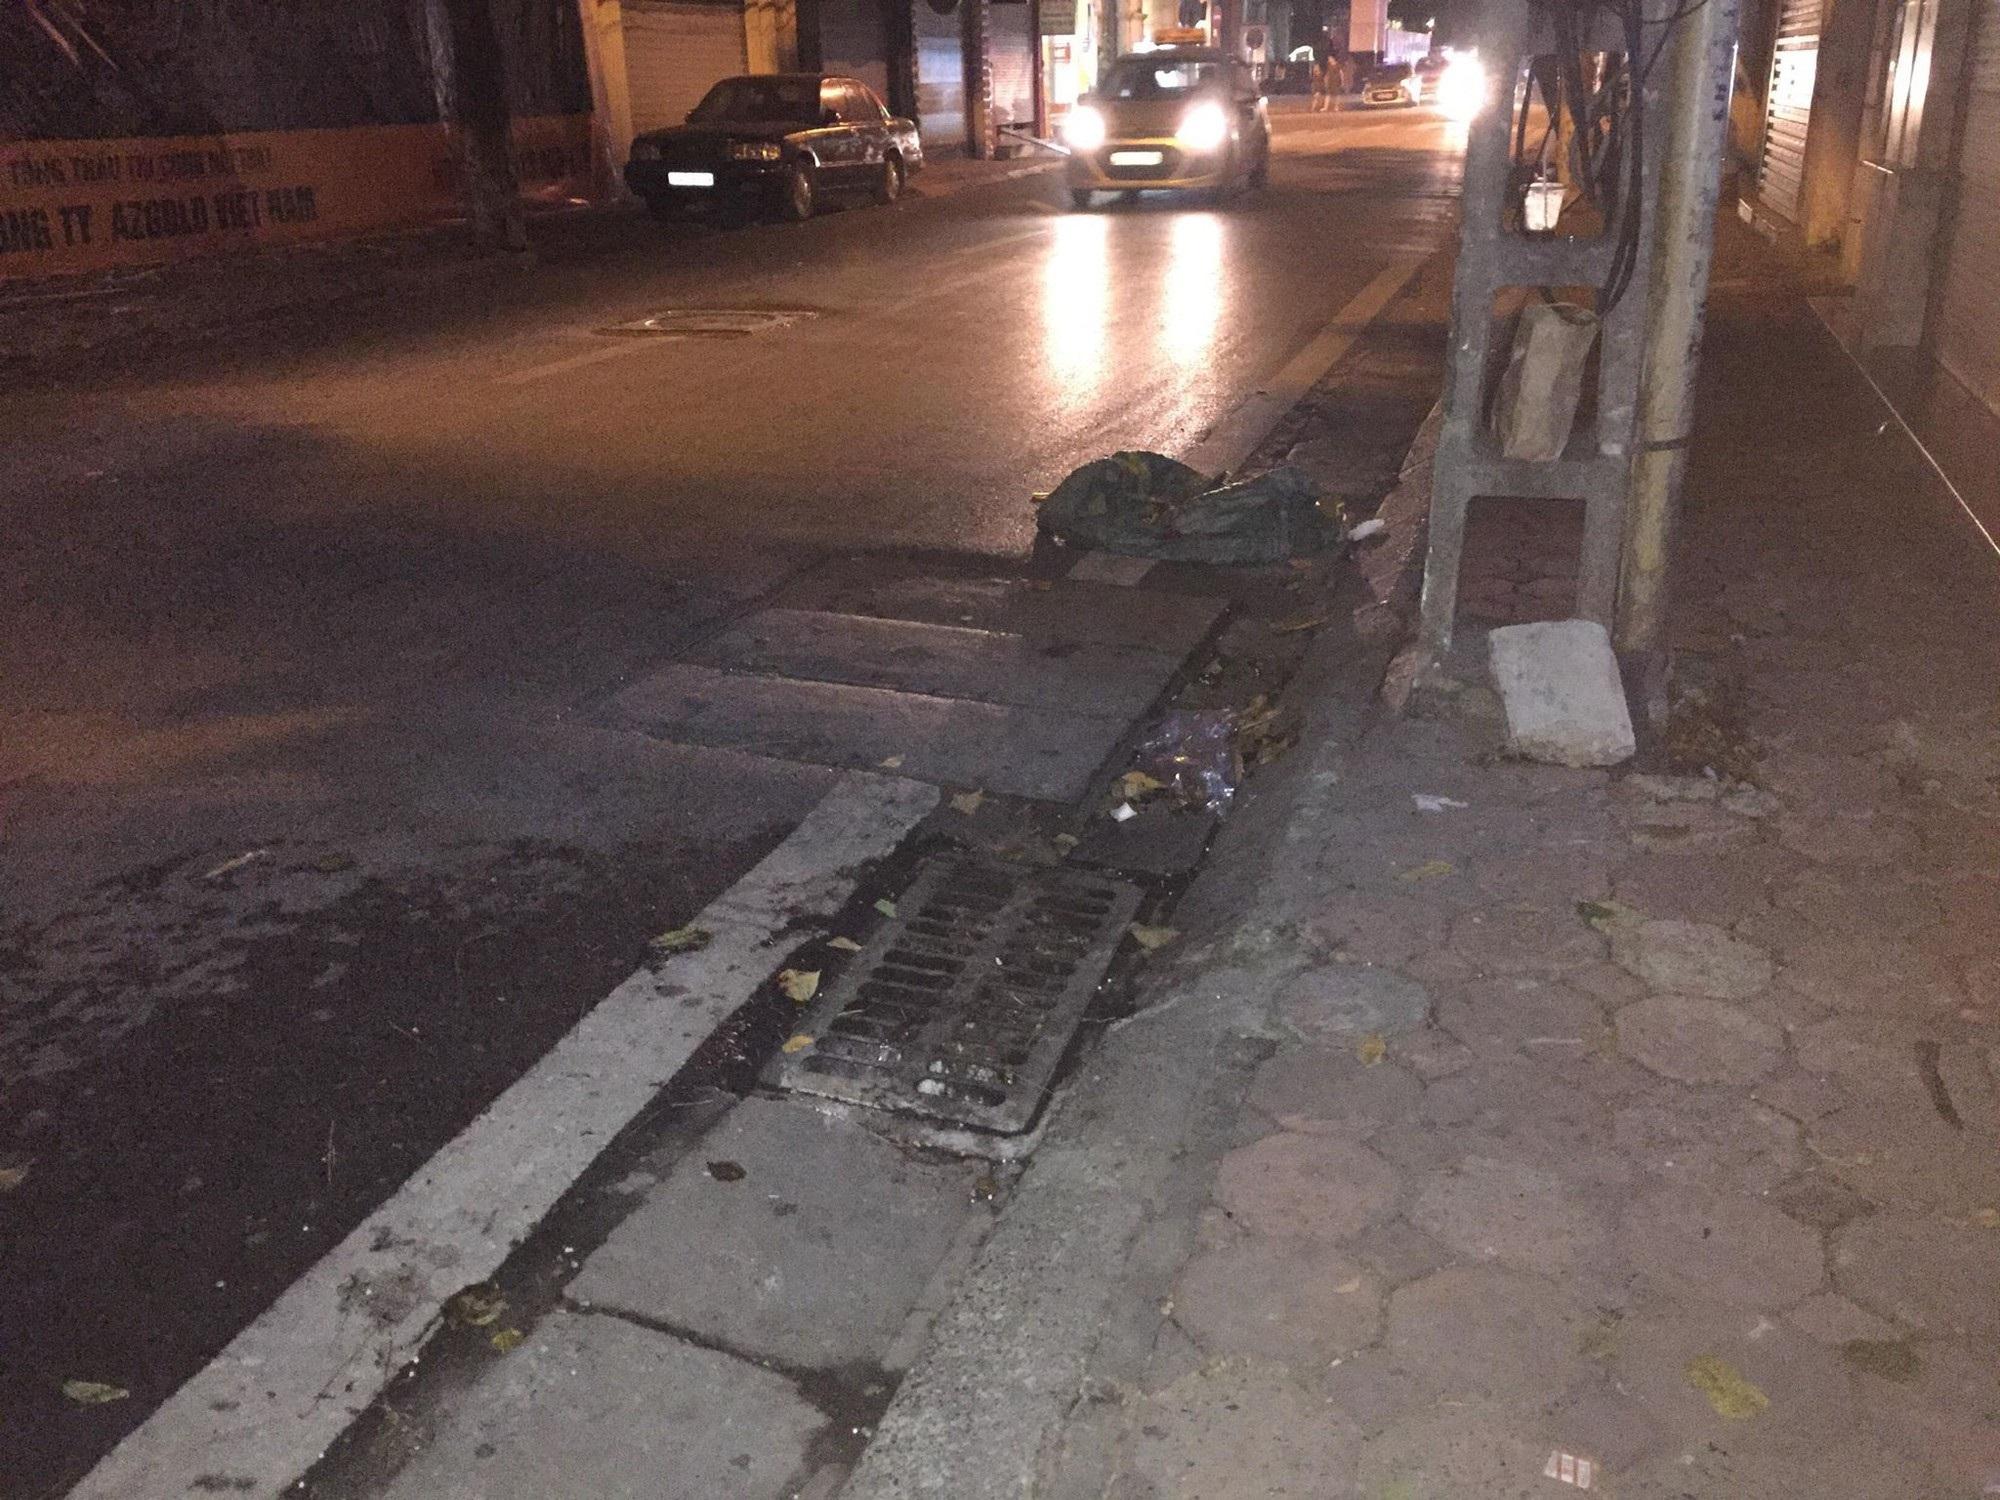 Vụ thanh niên chặn xe đâm bạn gái cũ giữa phố Hà Nội: 'Tôi chạy ra thì thấy cô ấy người đầy máu, miệng kêu cứu...' - Ảnh 1